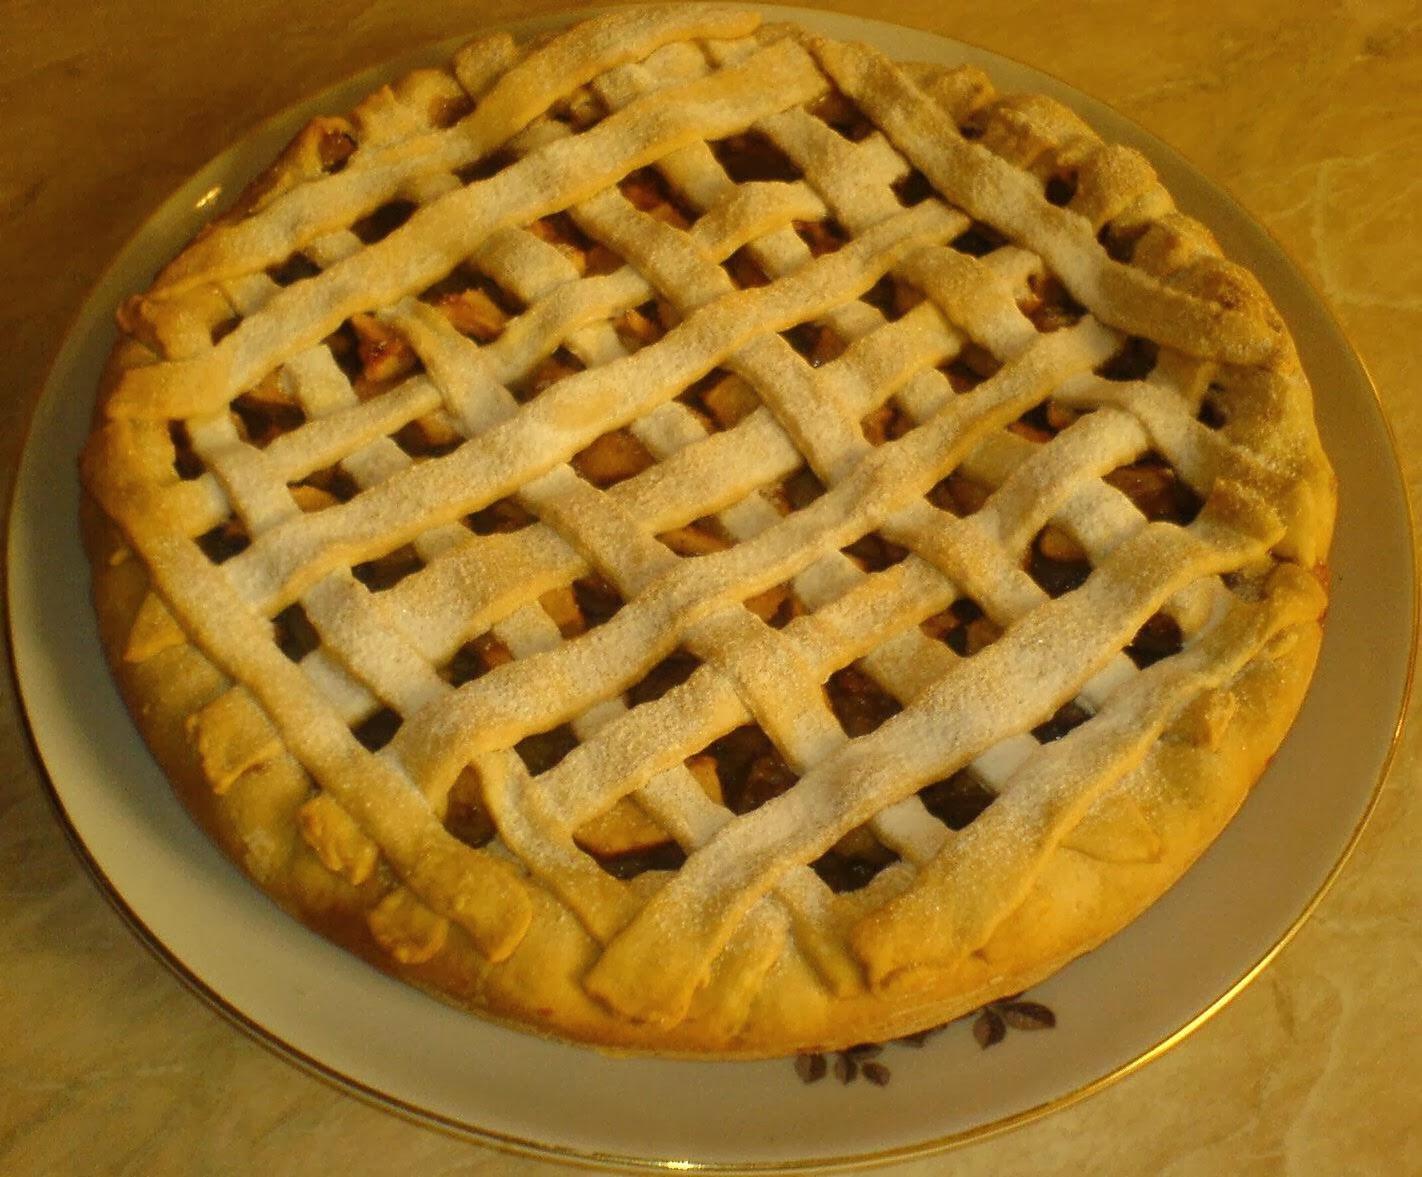 dulciuri, prajituri, placinta, retete culinare, preparate culinare, placinta de casa cu mere,